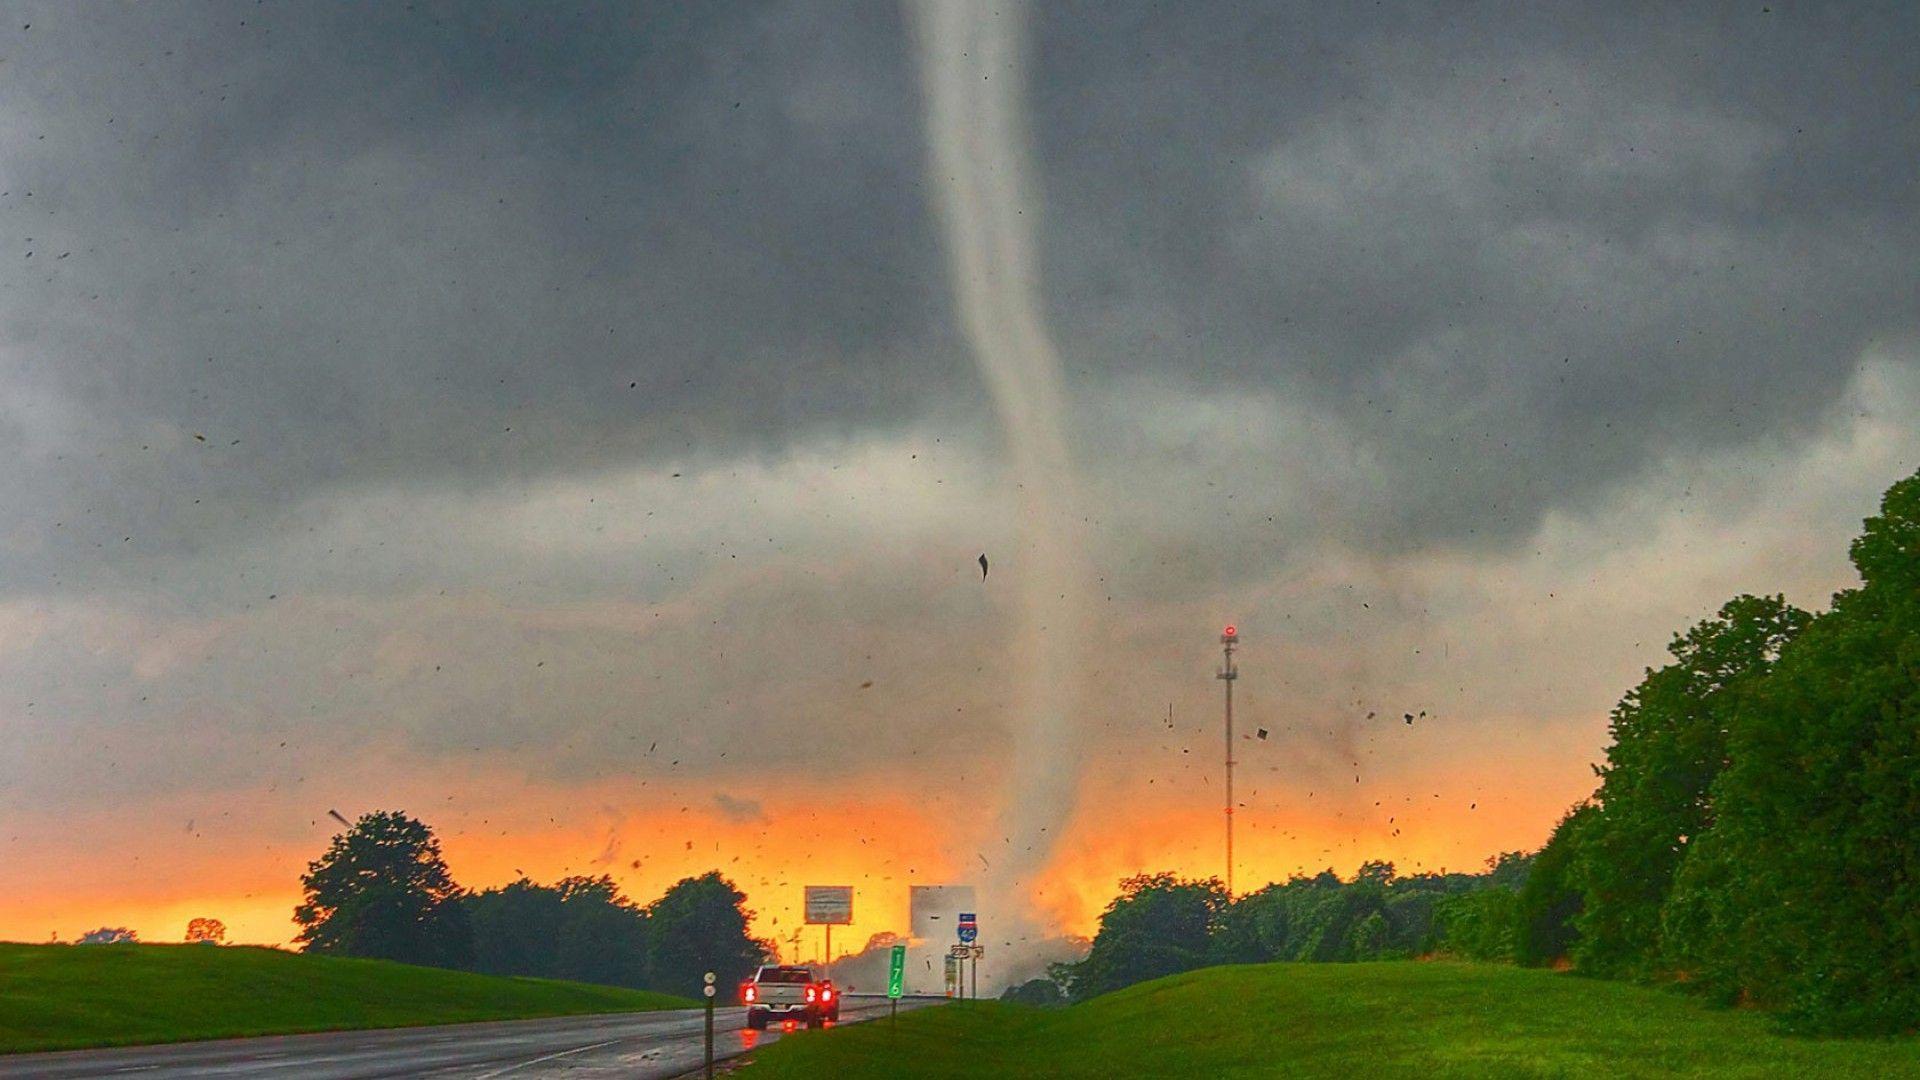 Tornado SDeTgSQ